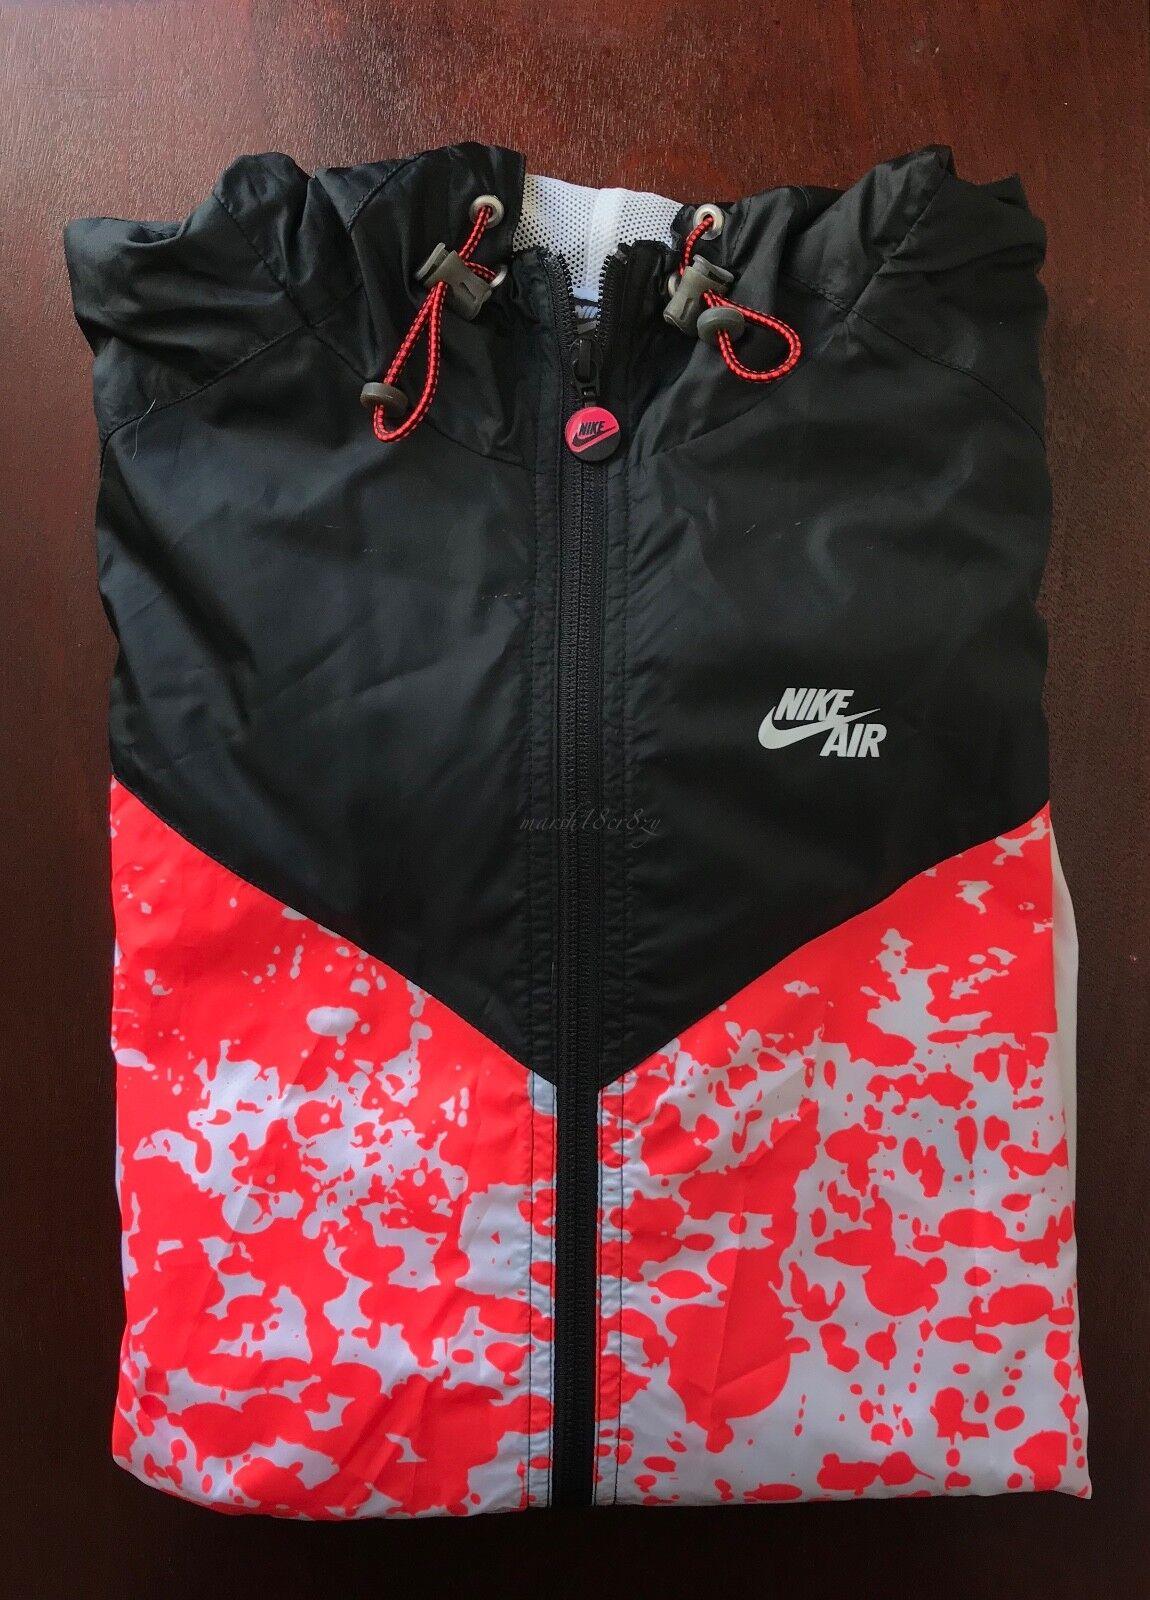 Nike Air Tech Challenge Agassi II Andre Agassi Challenge Brisaveloz chaqueta reduccion de precio el mas popular de zapatos para hombres y mujeres dea76e